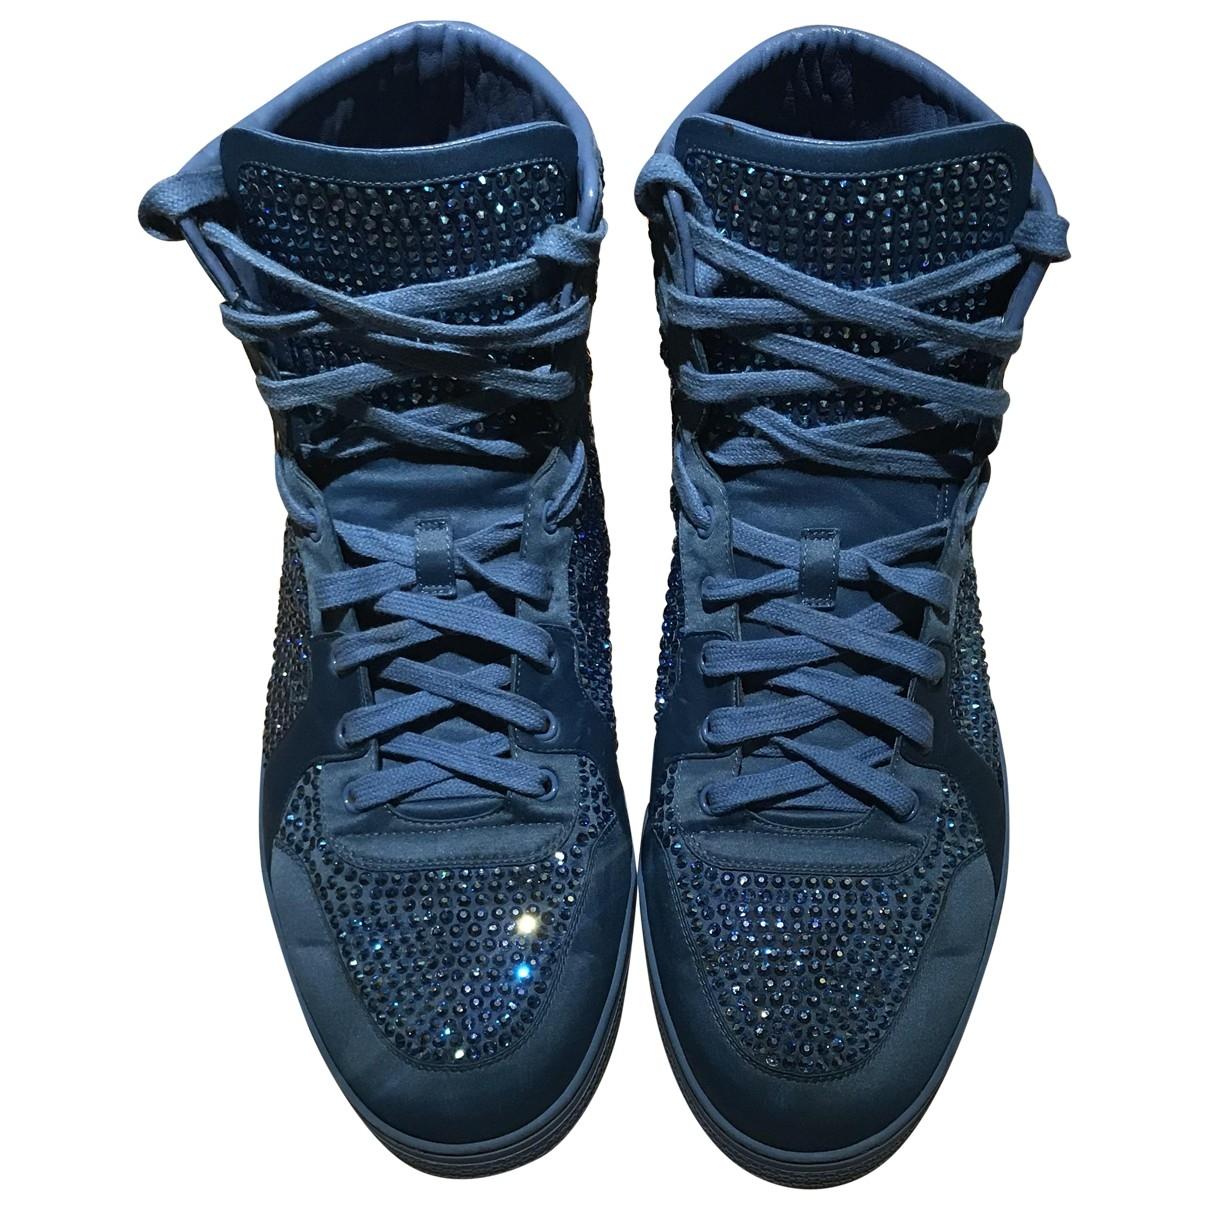 Gucci - Baskets   pour homme en a paillettes - bleu